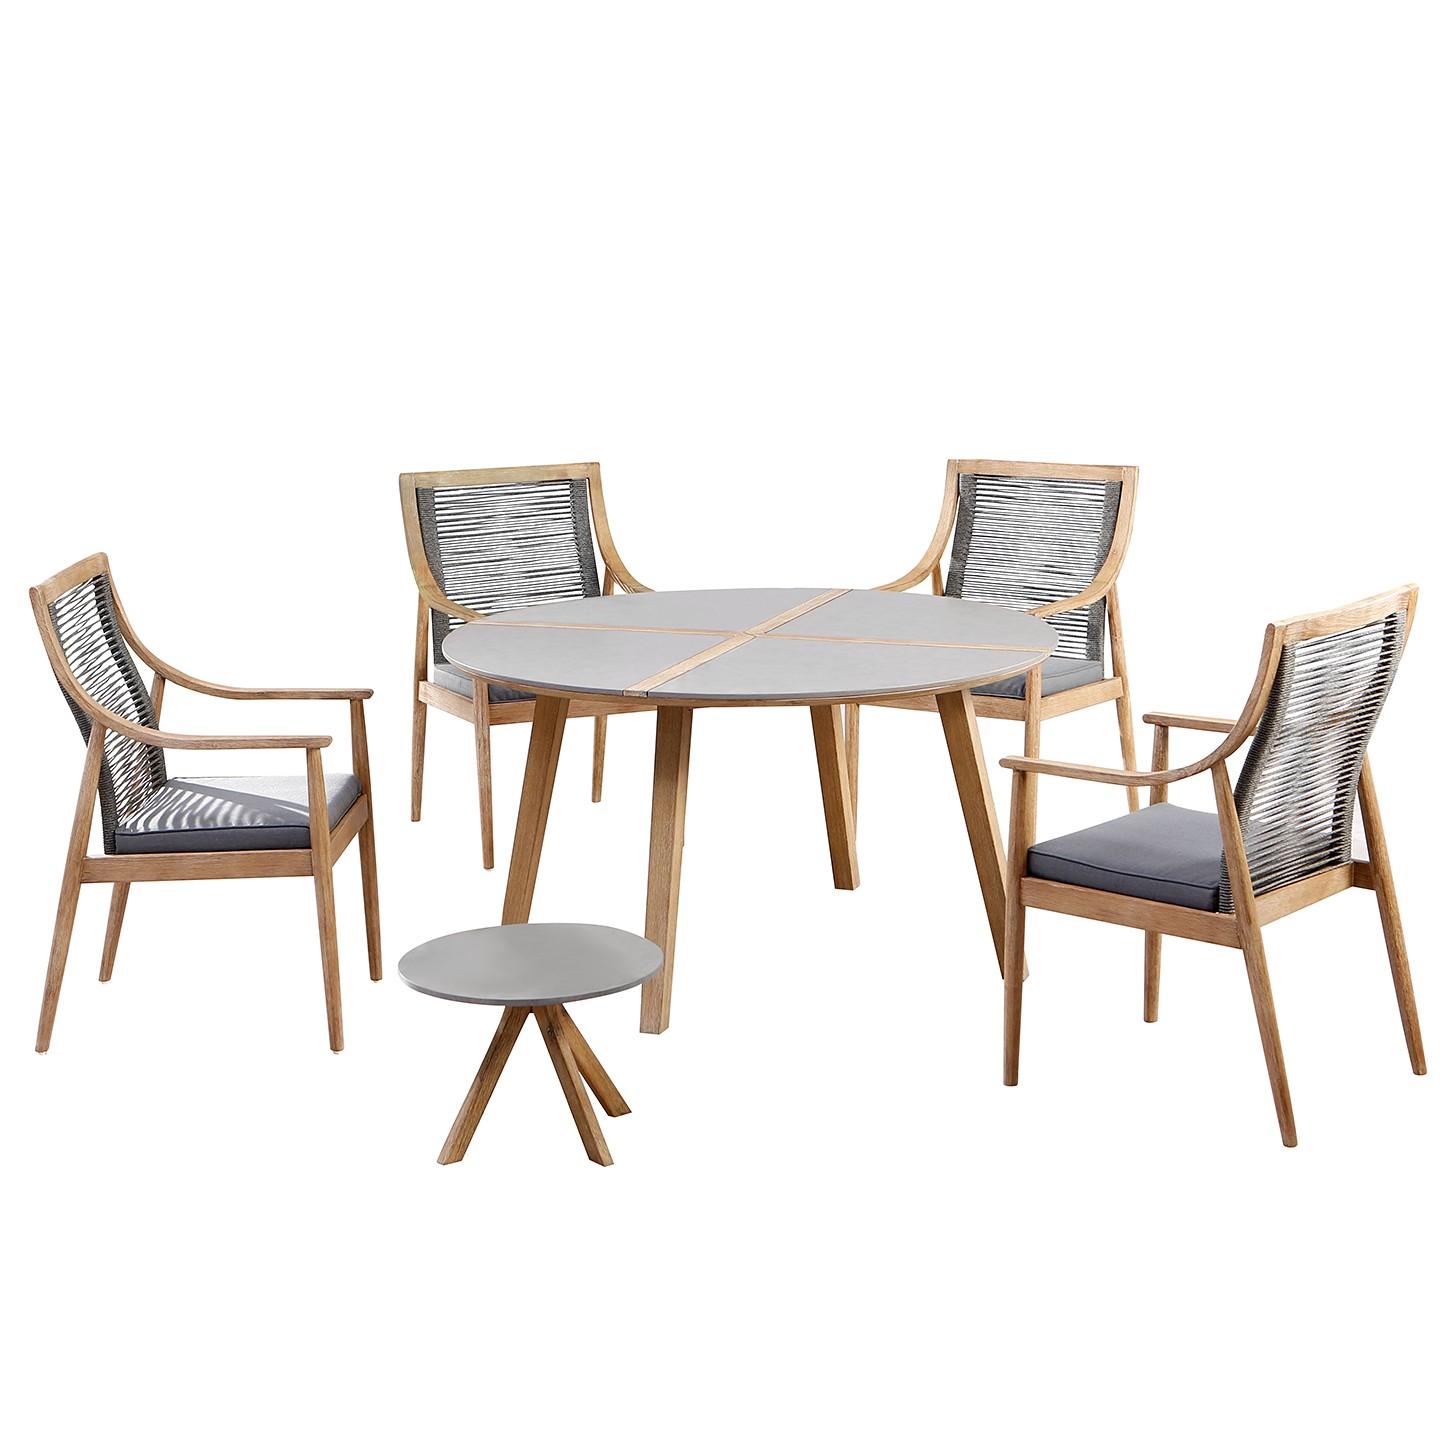 056db0bf978469 Holz Stühle Creme Preisvergleich • Die besten Angebote online kaufen